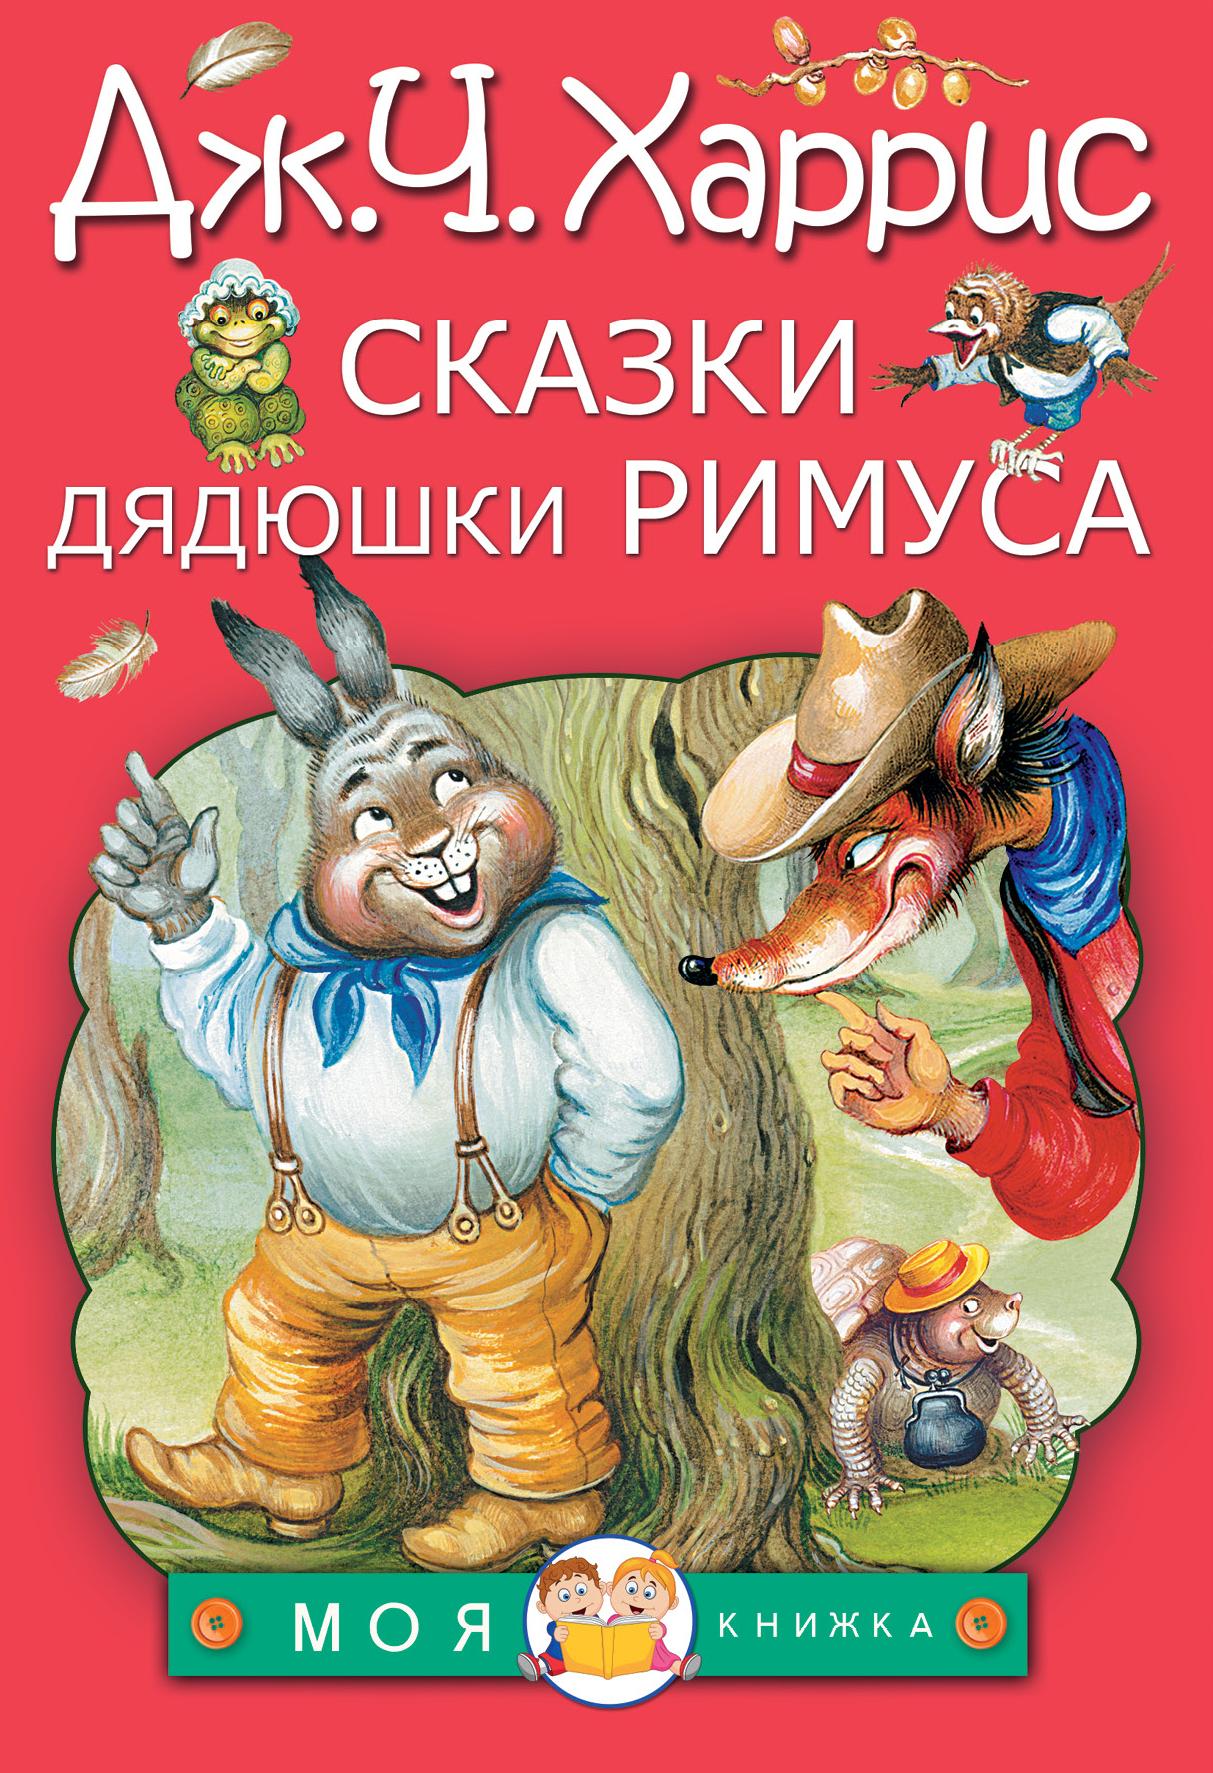 Харрис Д.Ч. Сказки дядюшки Римуса братец кролик и смоляное чучелко братец кролик и матушка гусыня